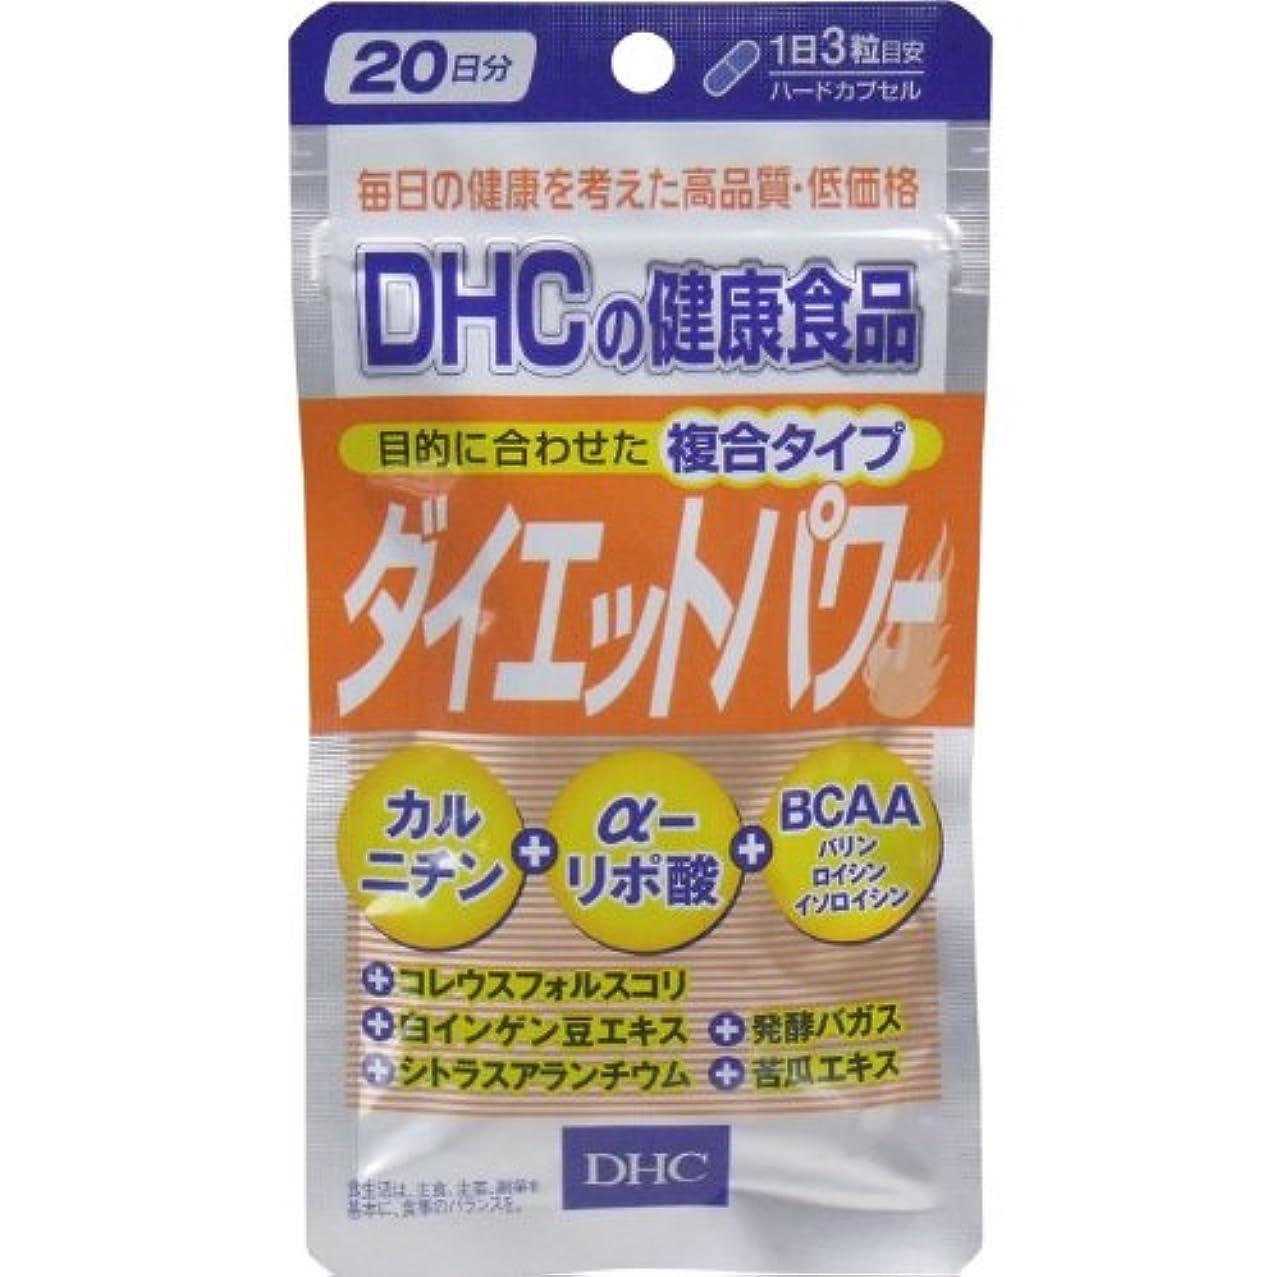 労働普通のバケットDHC ダイエットパワー 60粒入 20日分「4点セット」